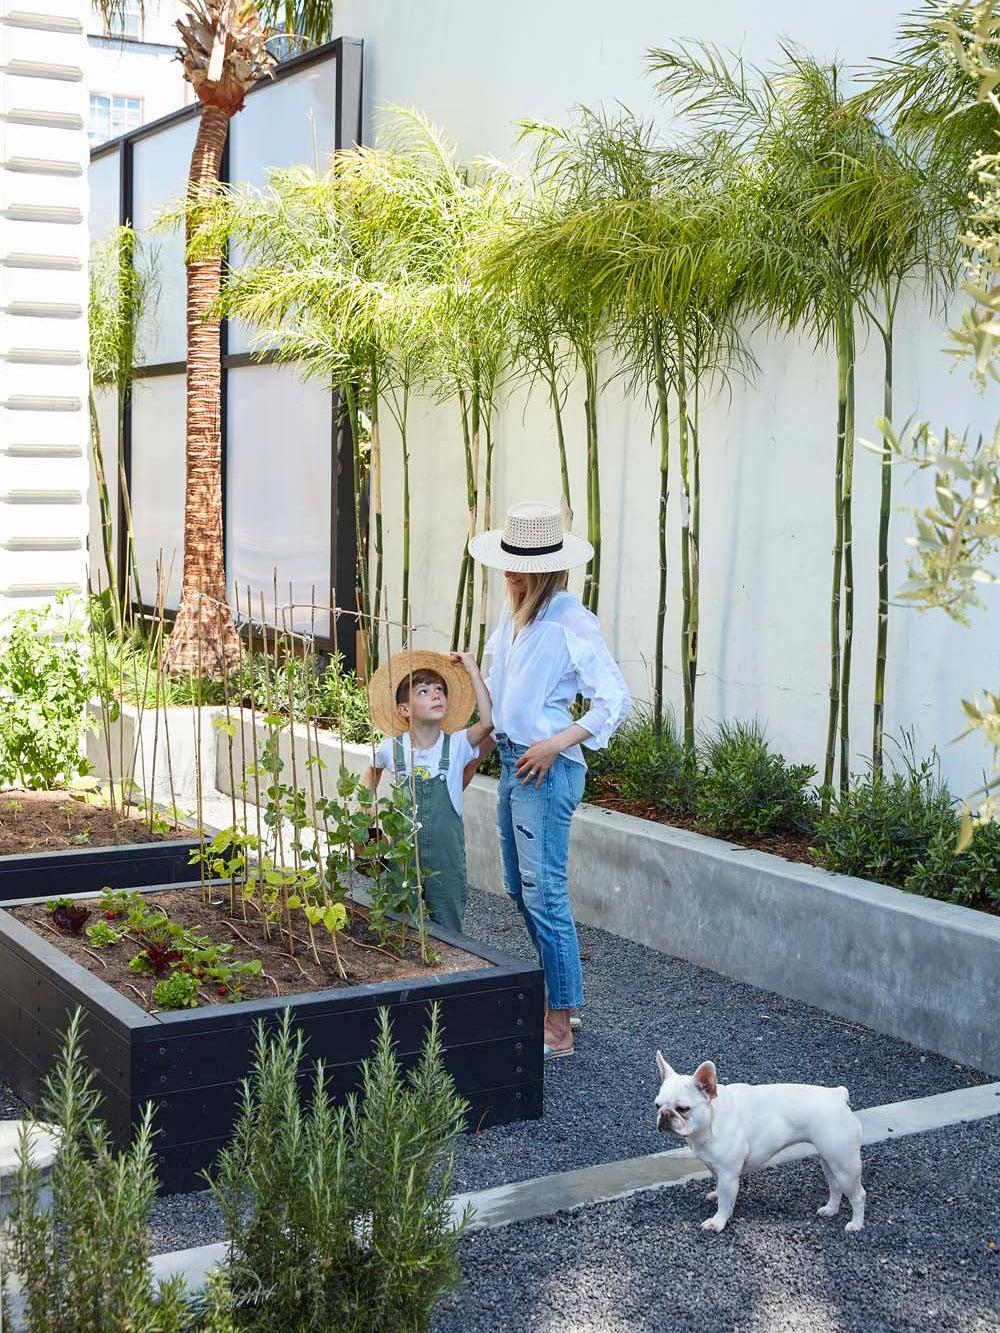 Erin Hiemstra gardening with her son